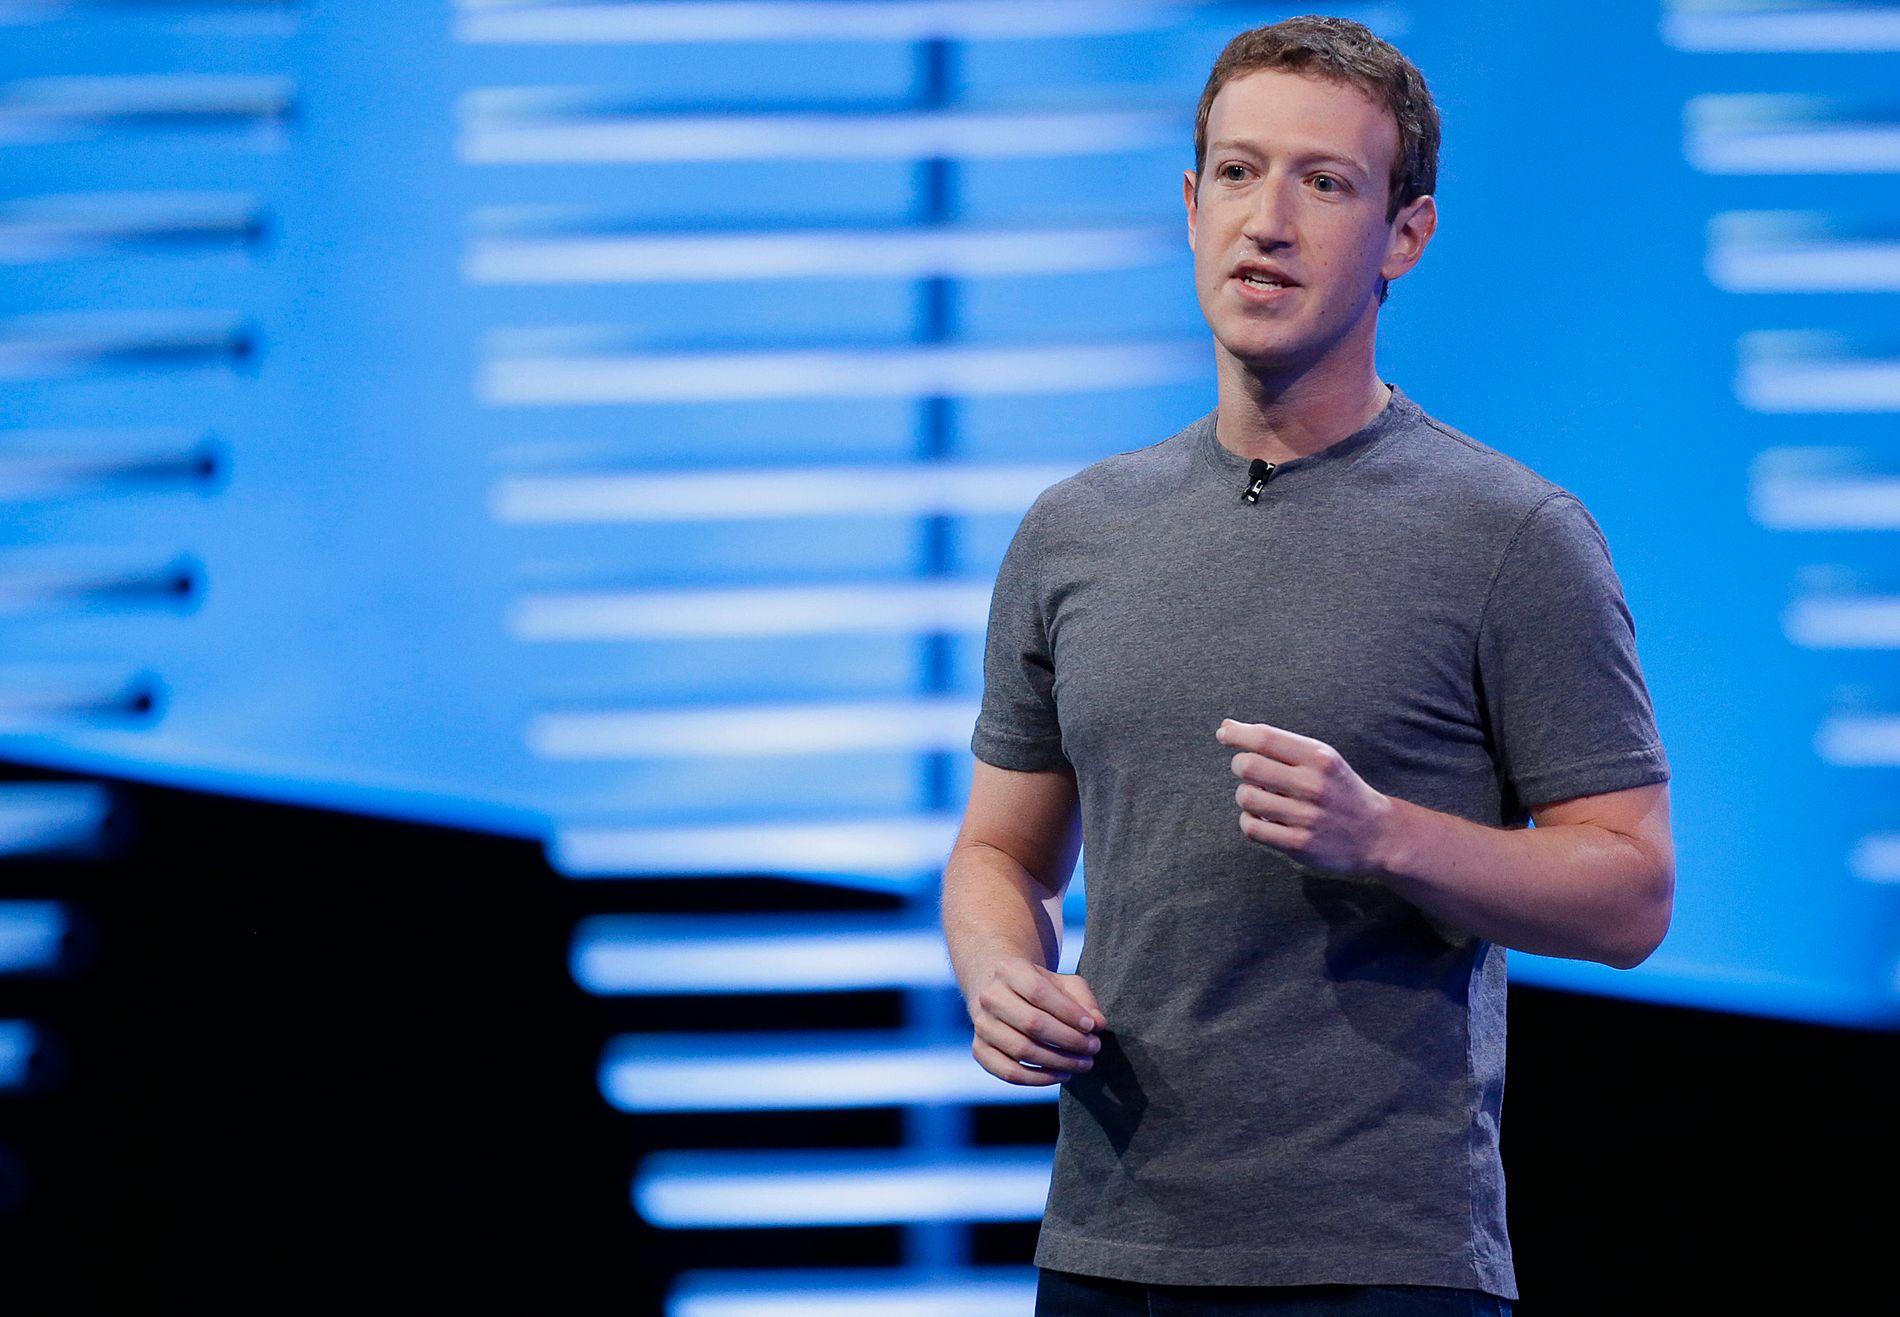 I HARDT VÆR: Mark Zuckerberg og hans ansatte har flere ganger i år måttet svare for hvordan de jobber med å forhindre at kriminelle handlinger legges ut eller sendes direkte på Facebook.